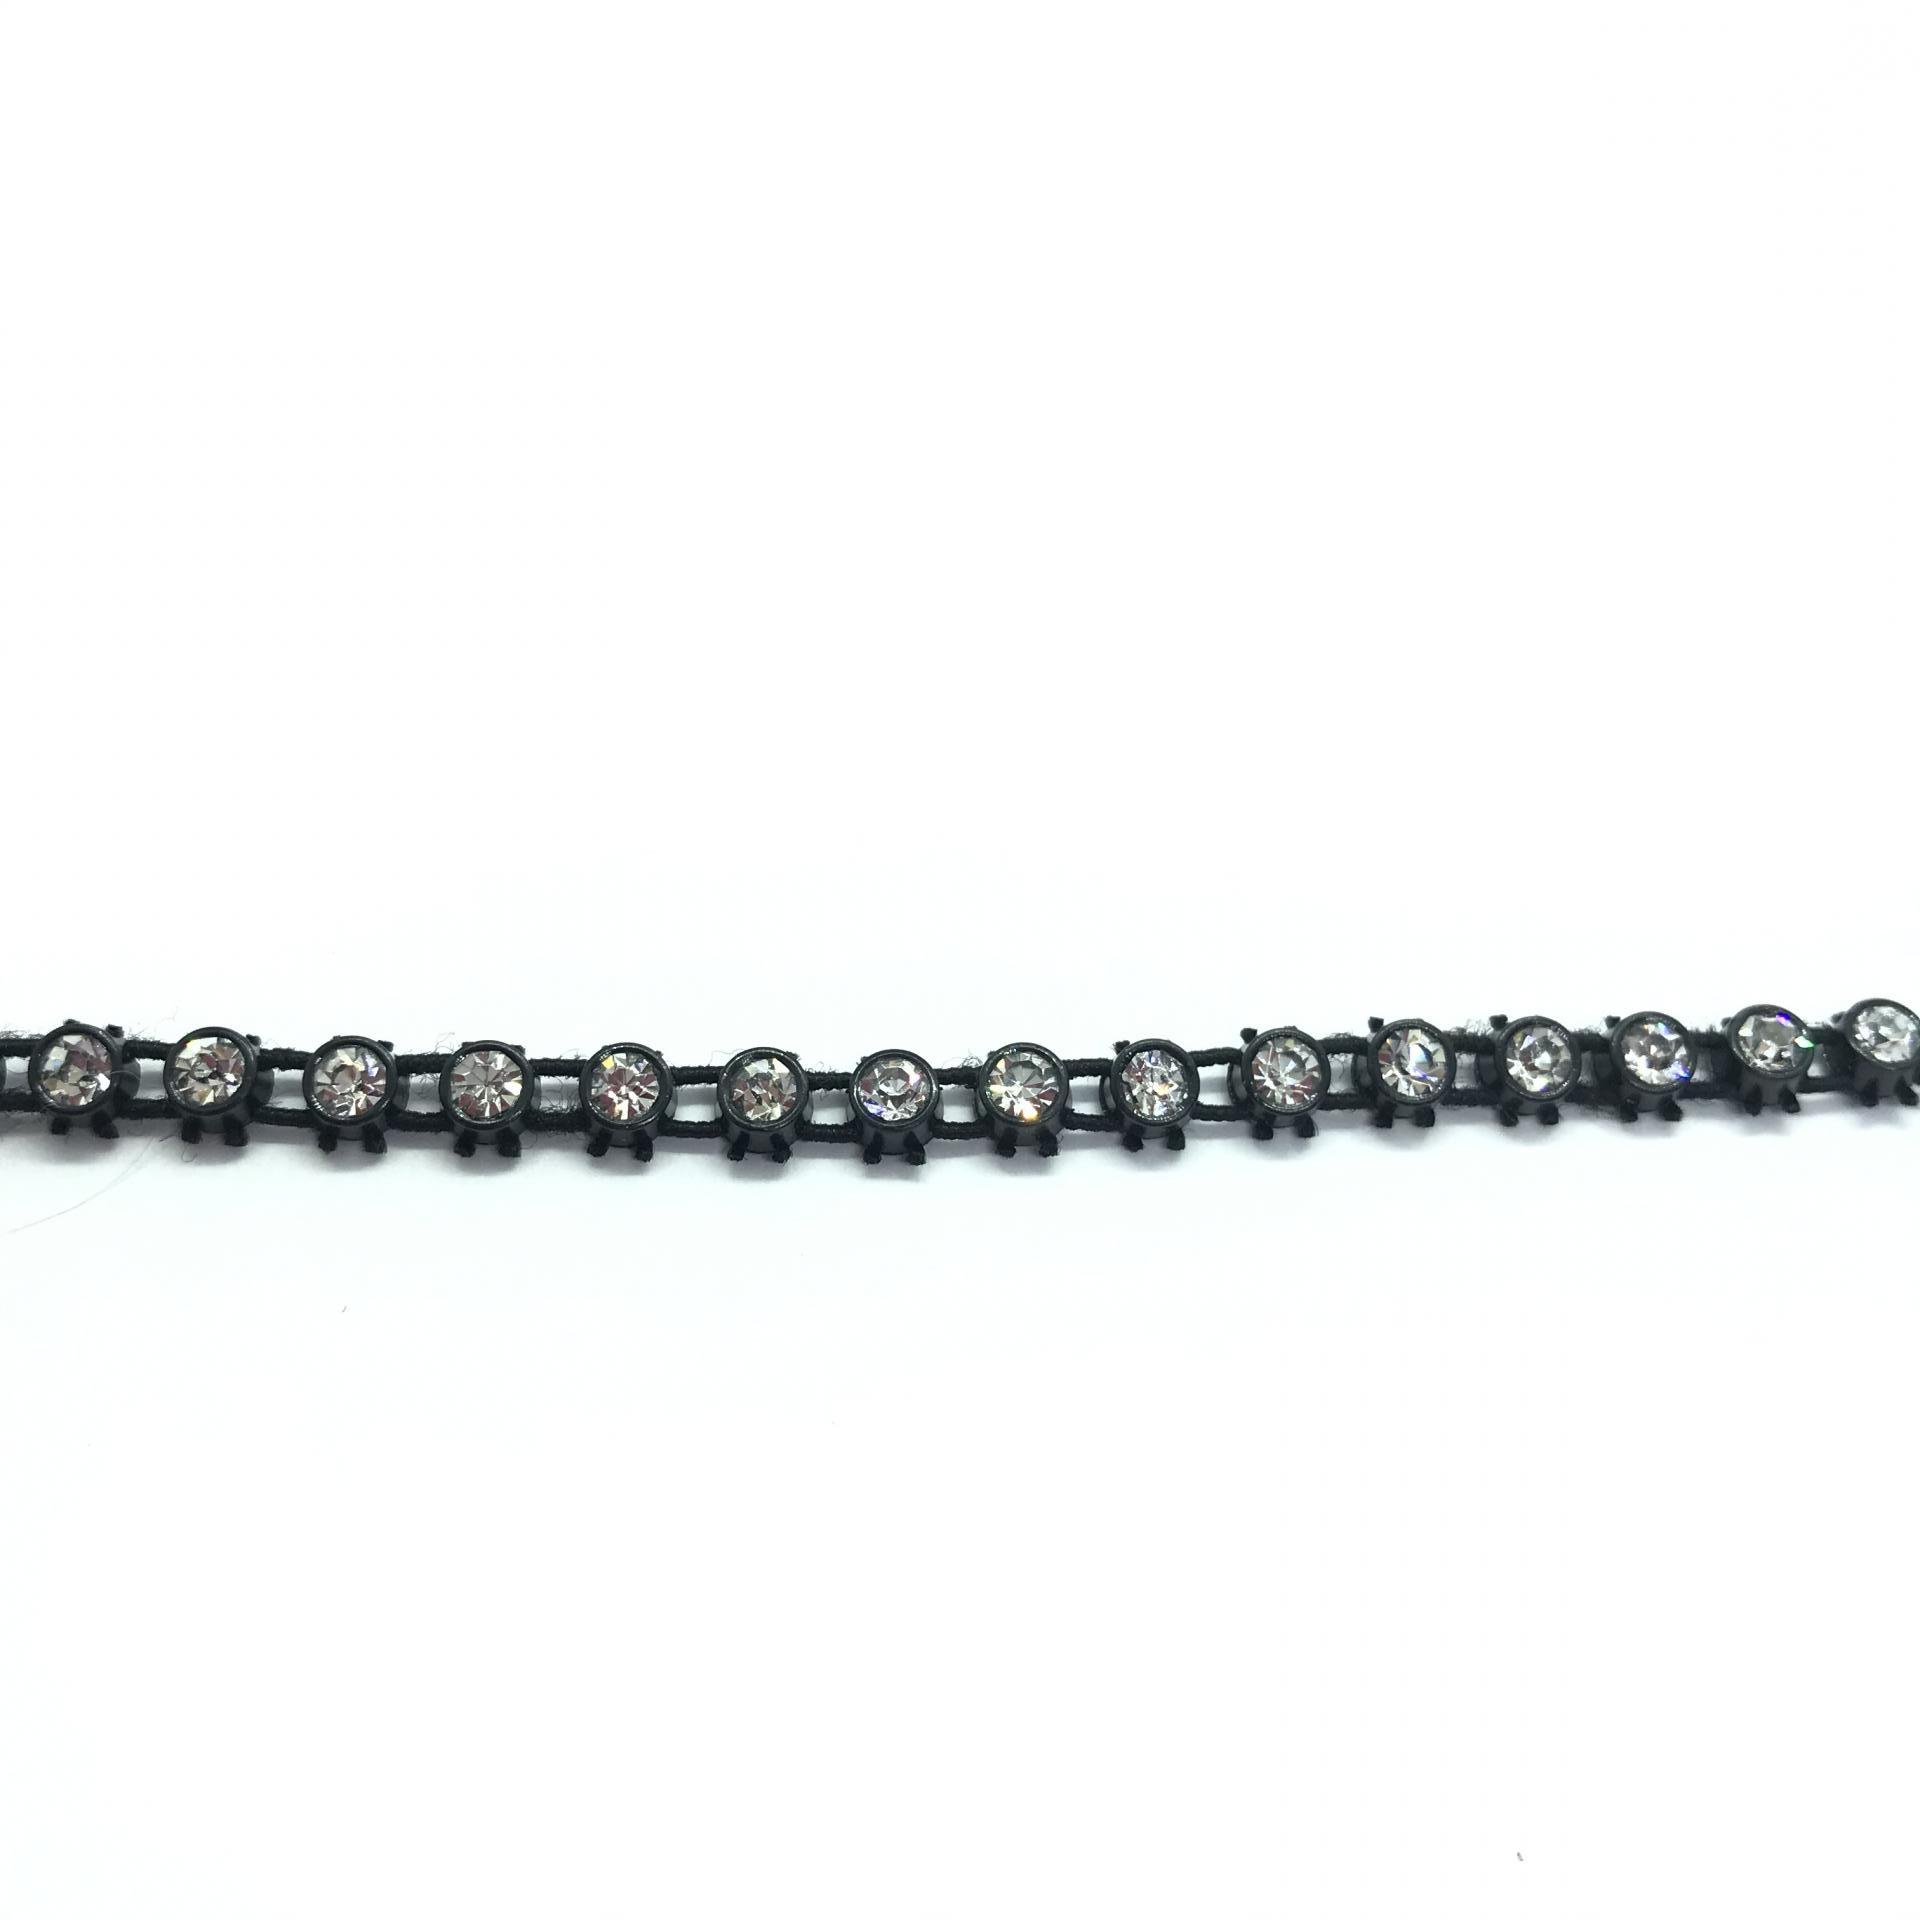 Galon de strass elastique a coudre cristal base plastique noir 4mm